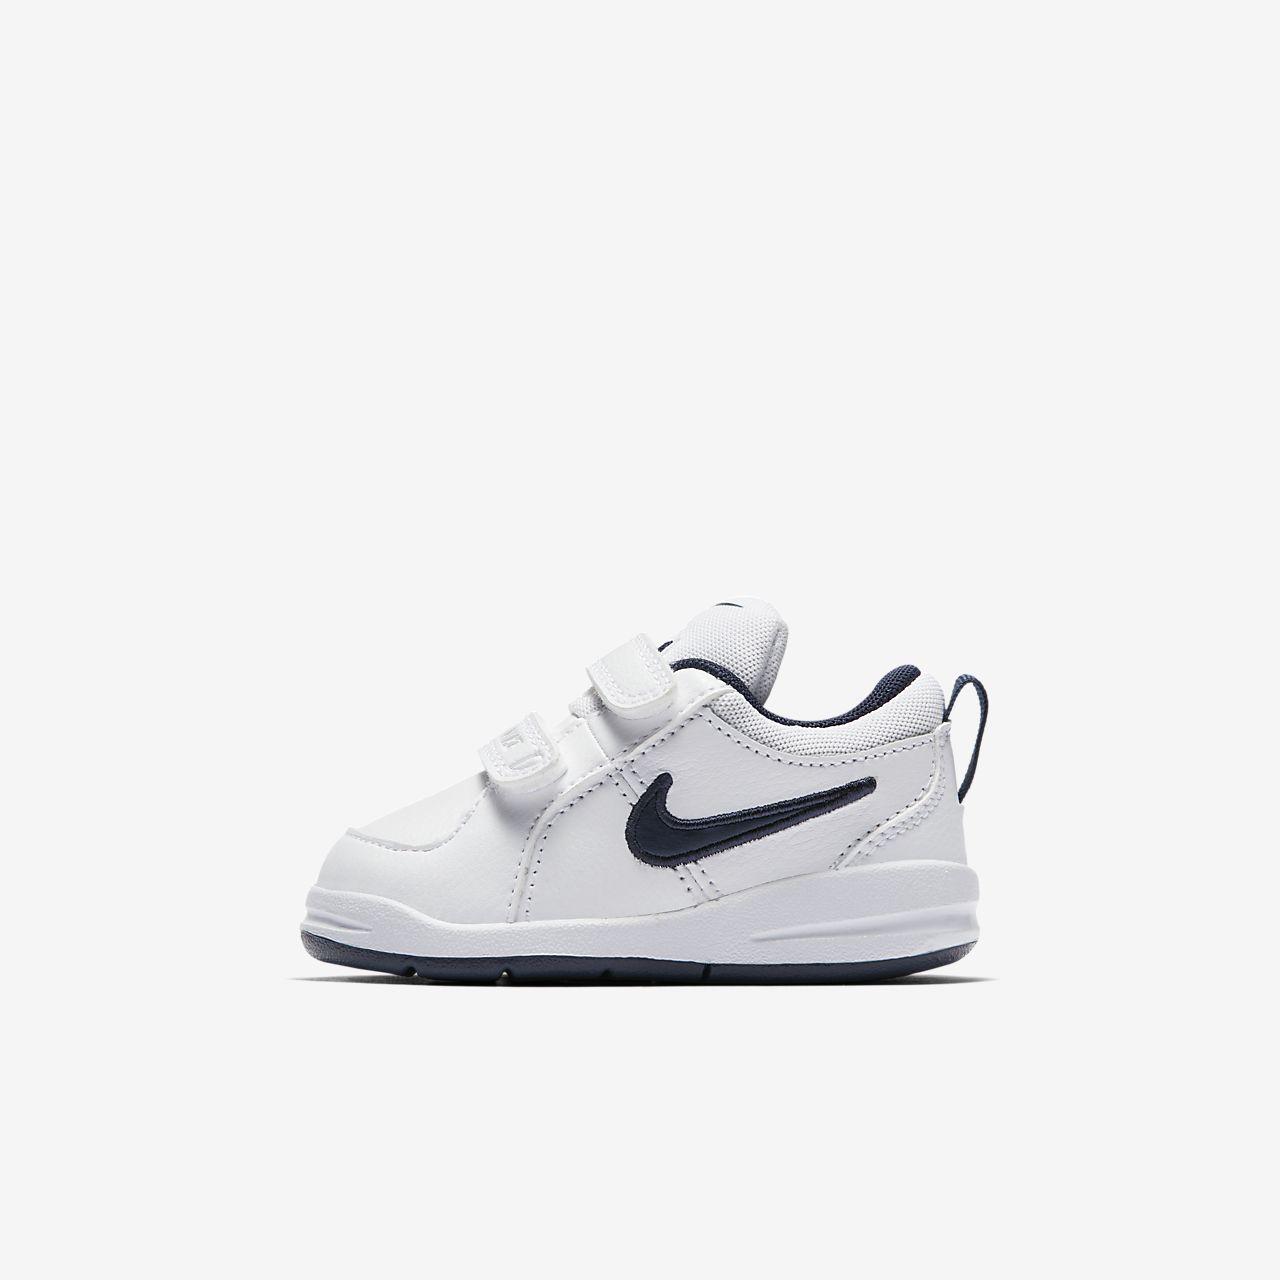 Chaussure Nike Pico 4 pour BébéPetit enfant